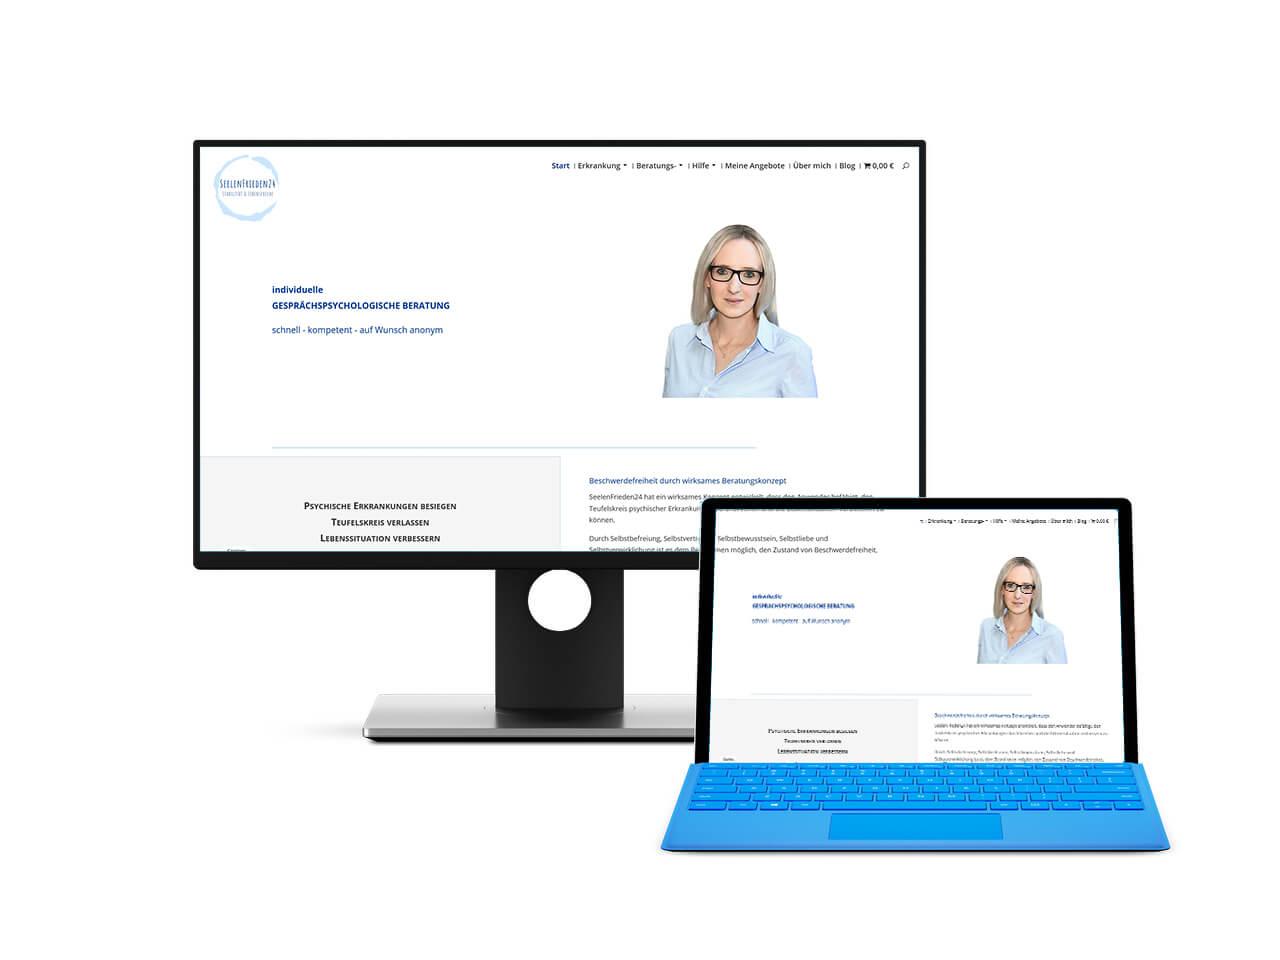 Darstellung der Seite auf einem Screenshot